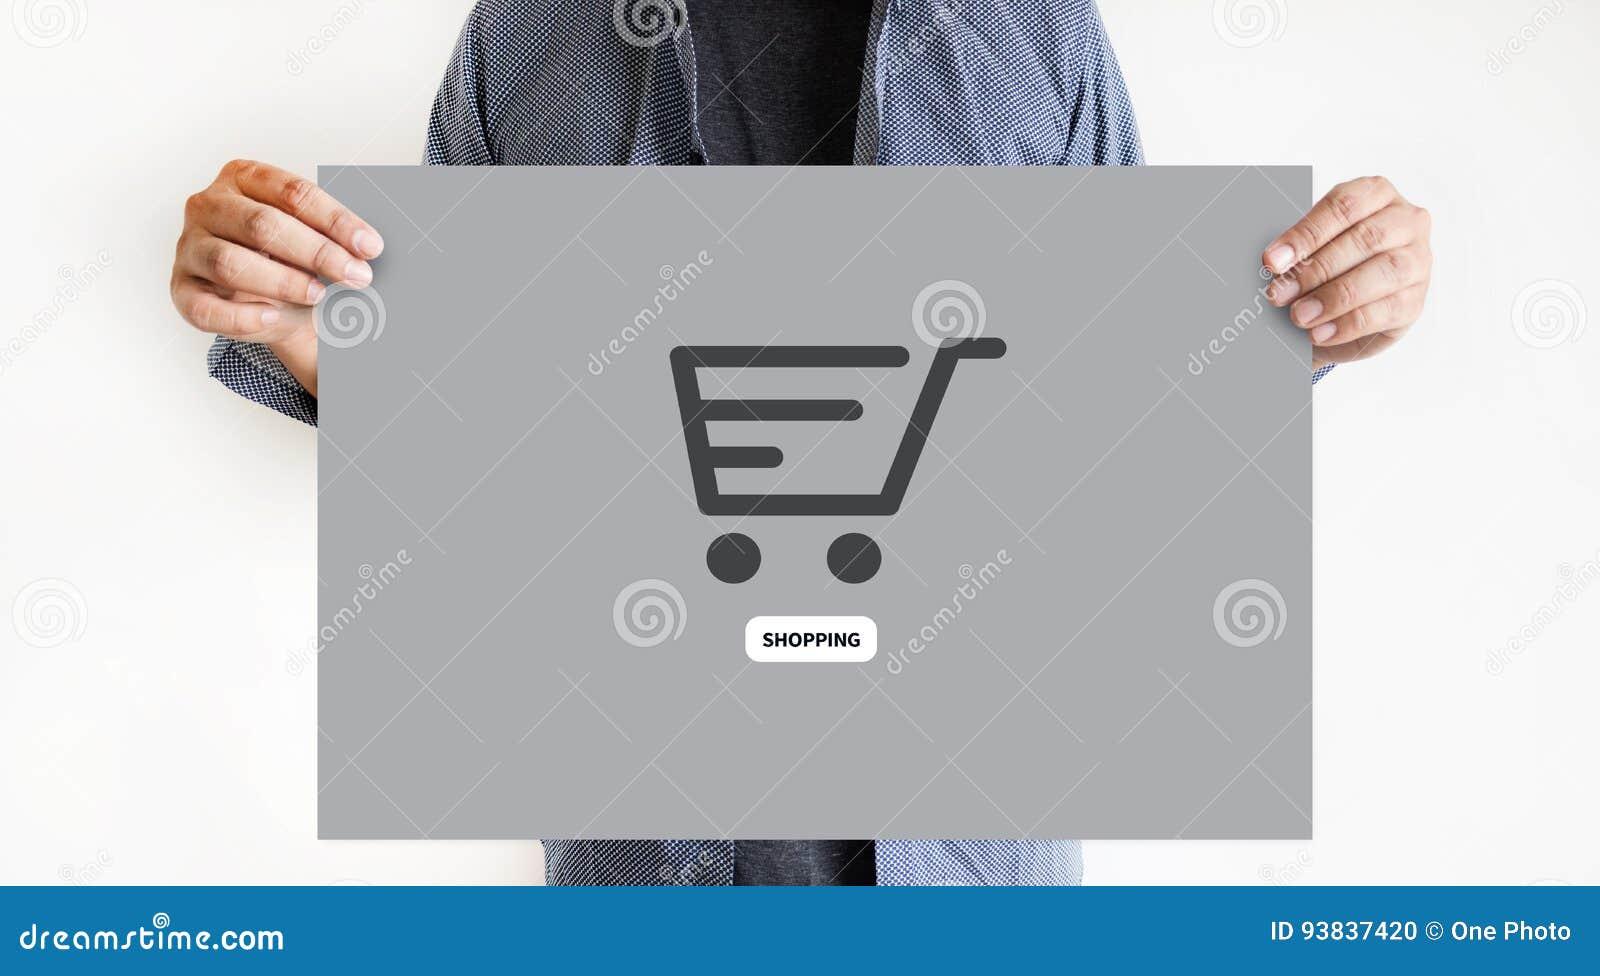 Электронная коммерция добавляет к магазина покупки магазина заказа тележки оплате онлайн онлайн